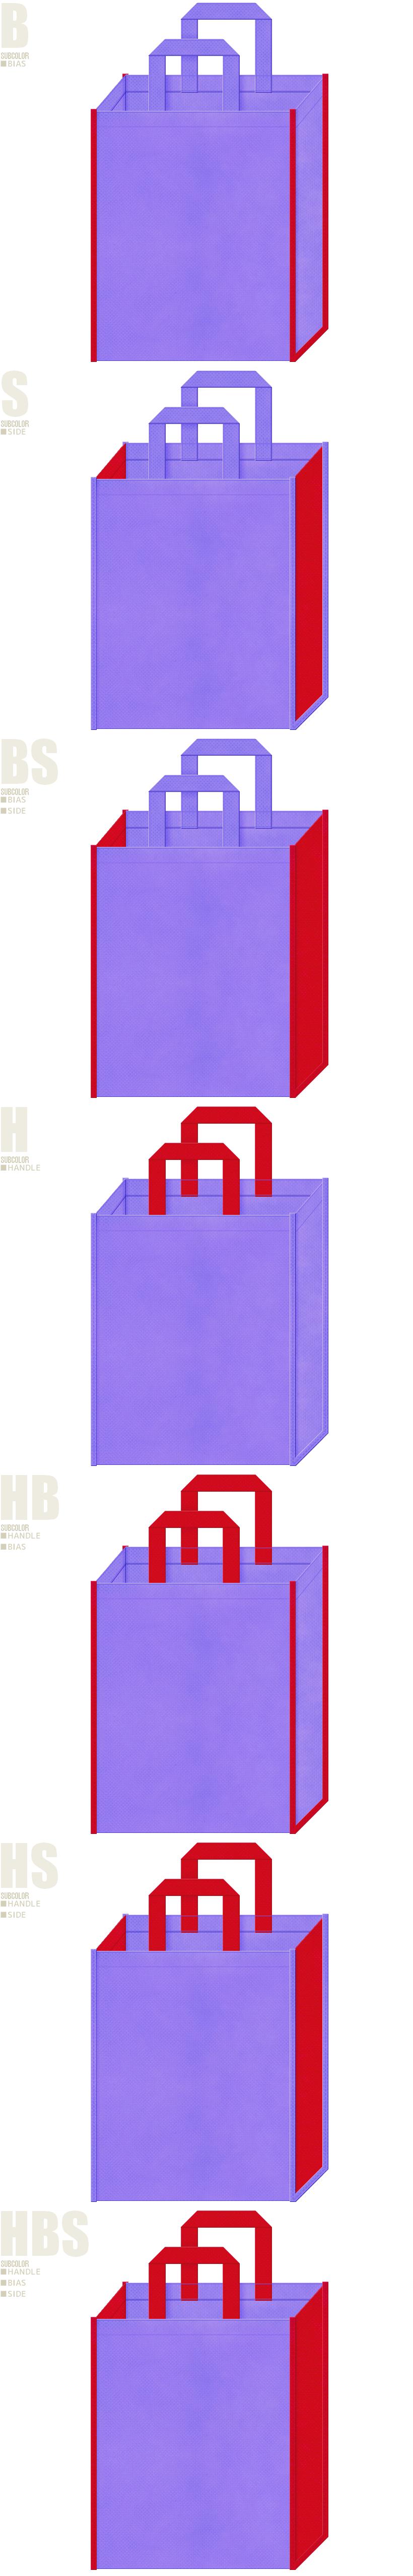 明るめの紫色と紅色、7パターンの不織布トートバッグ配色デザイン例。